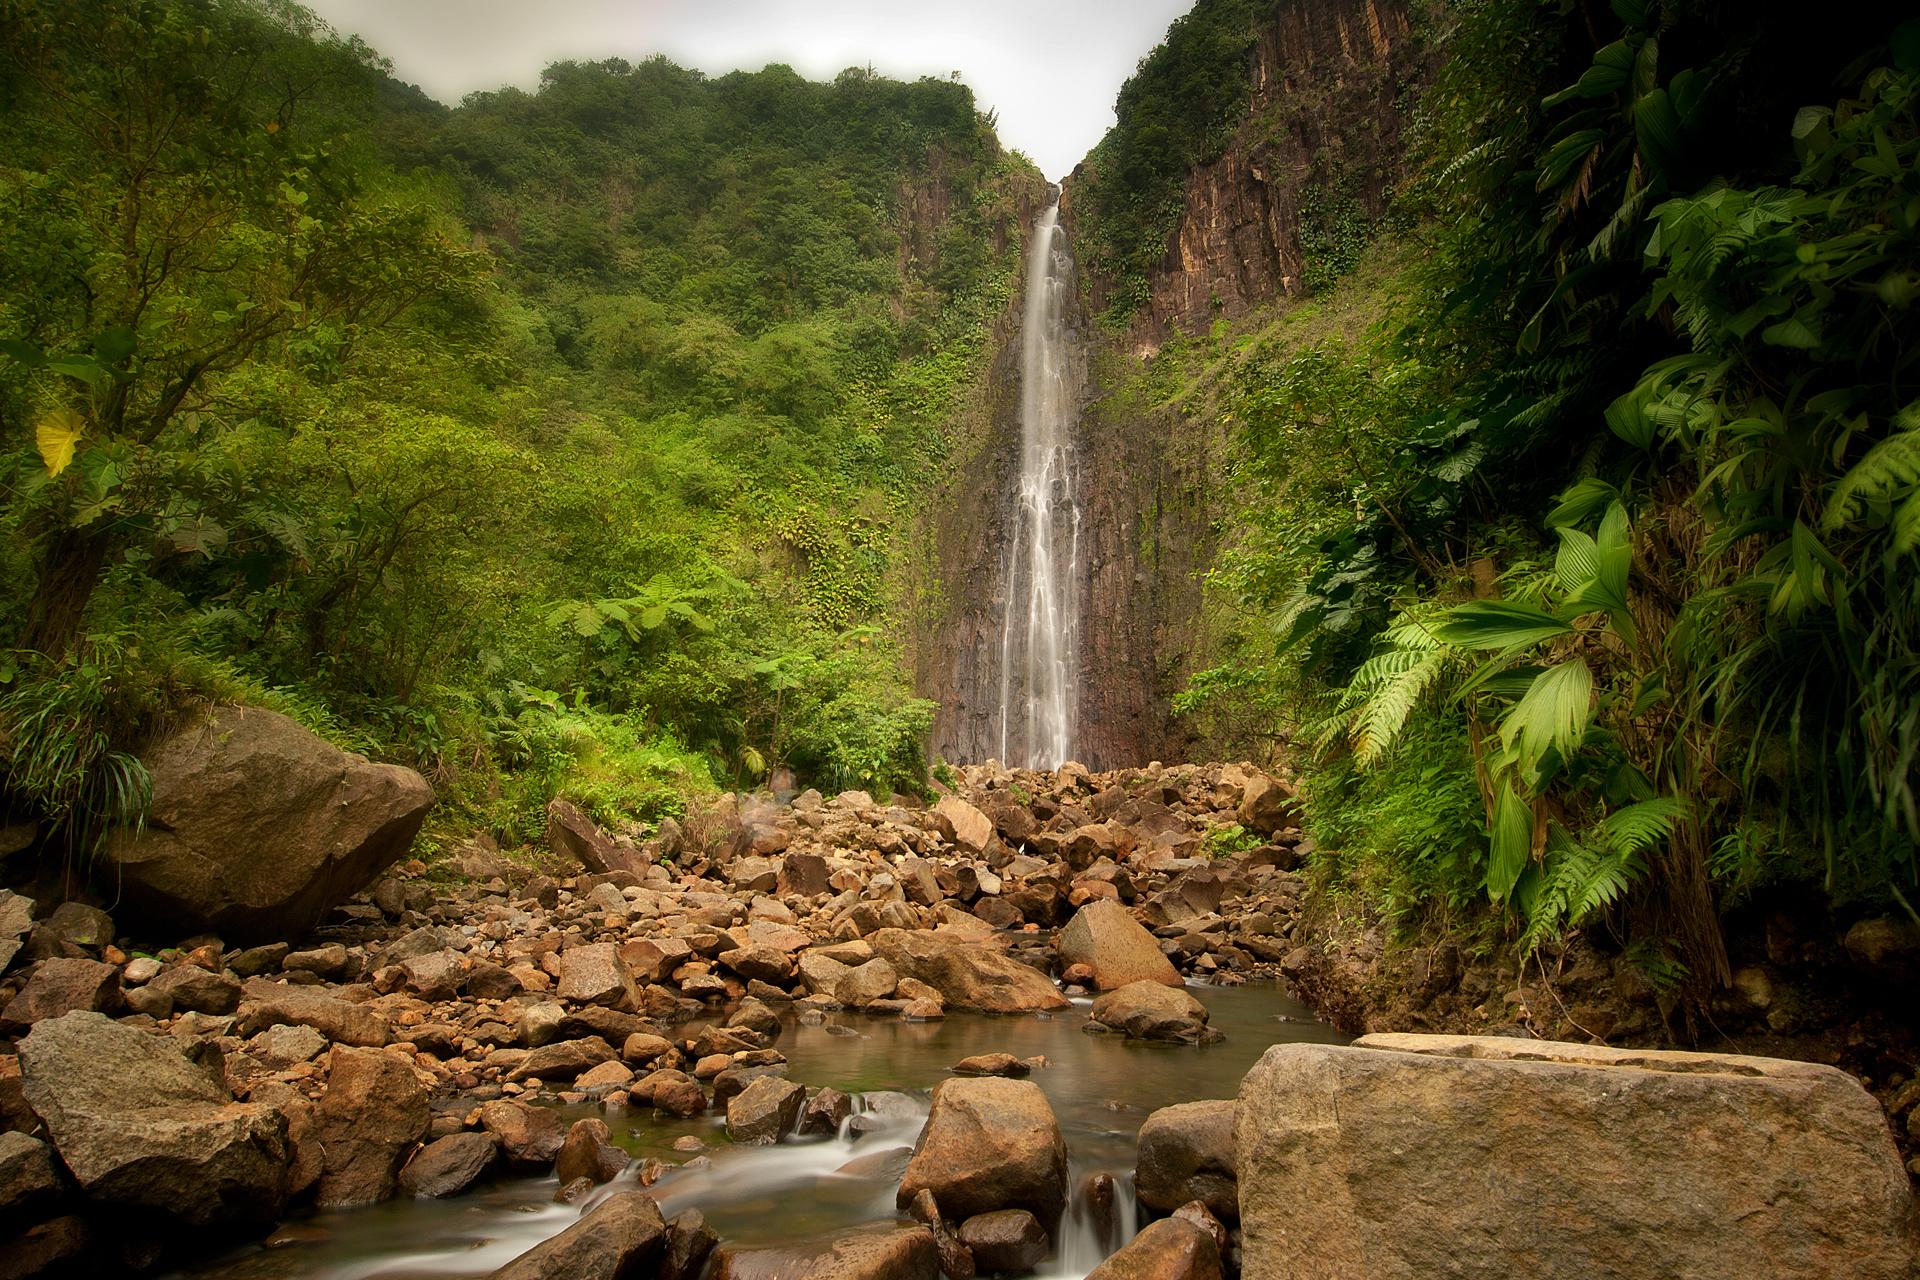 водопад среди деревьев  № 373611 без смс